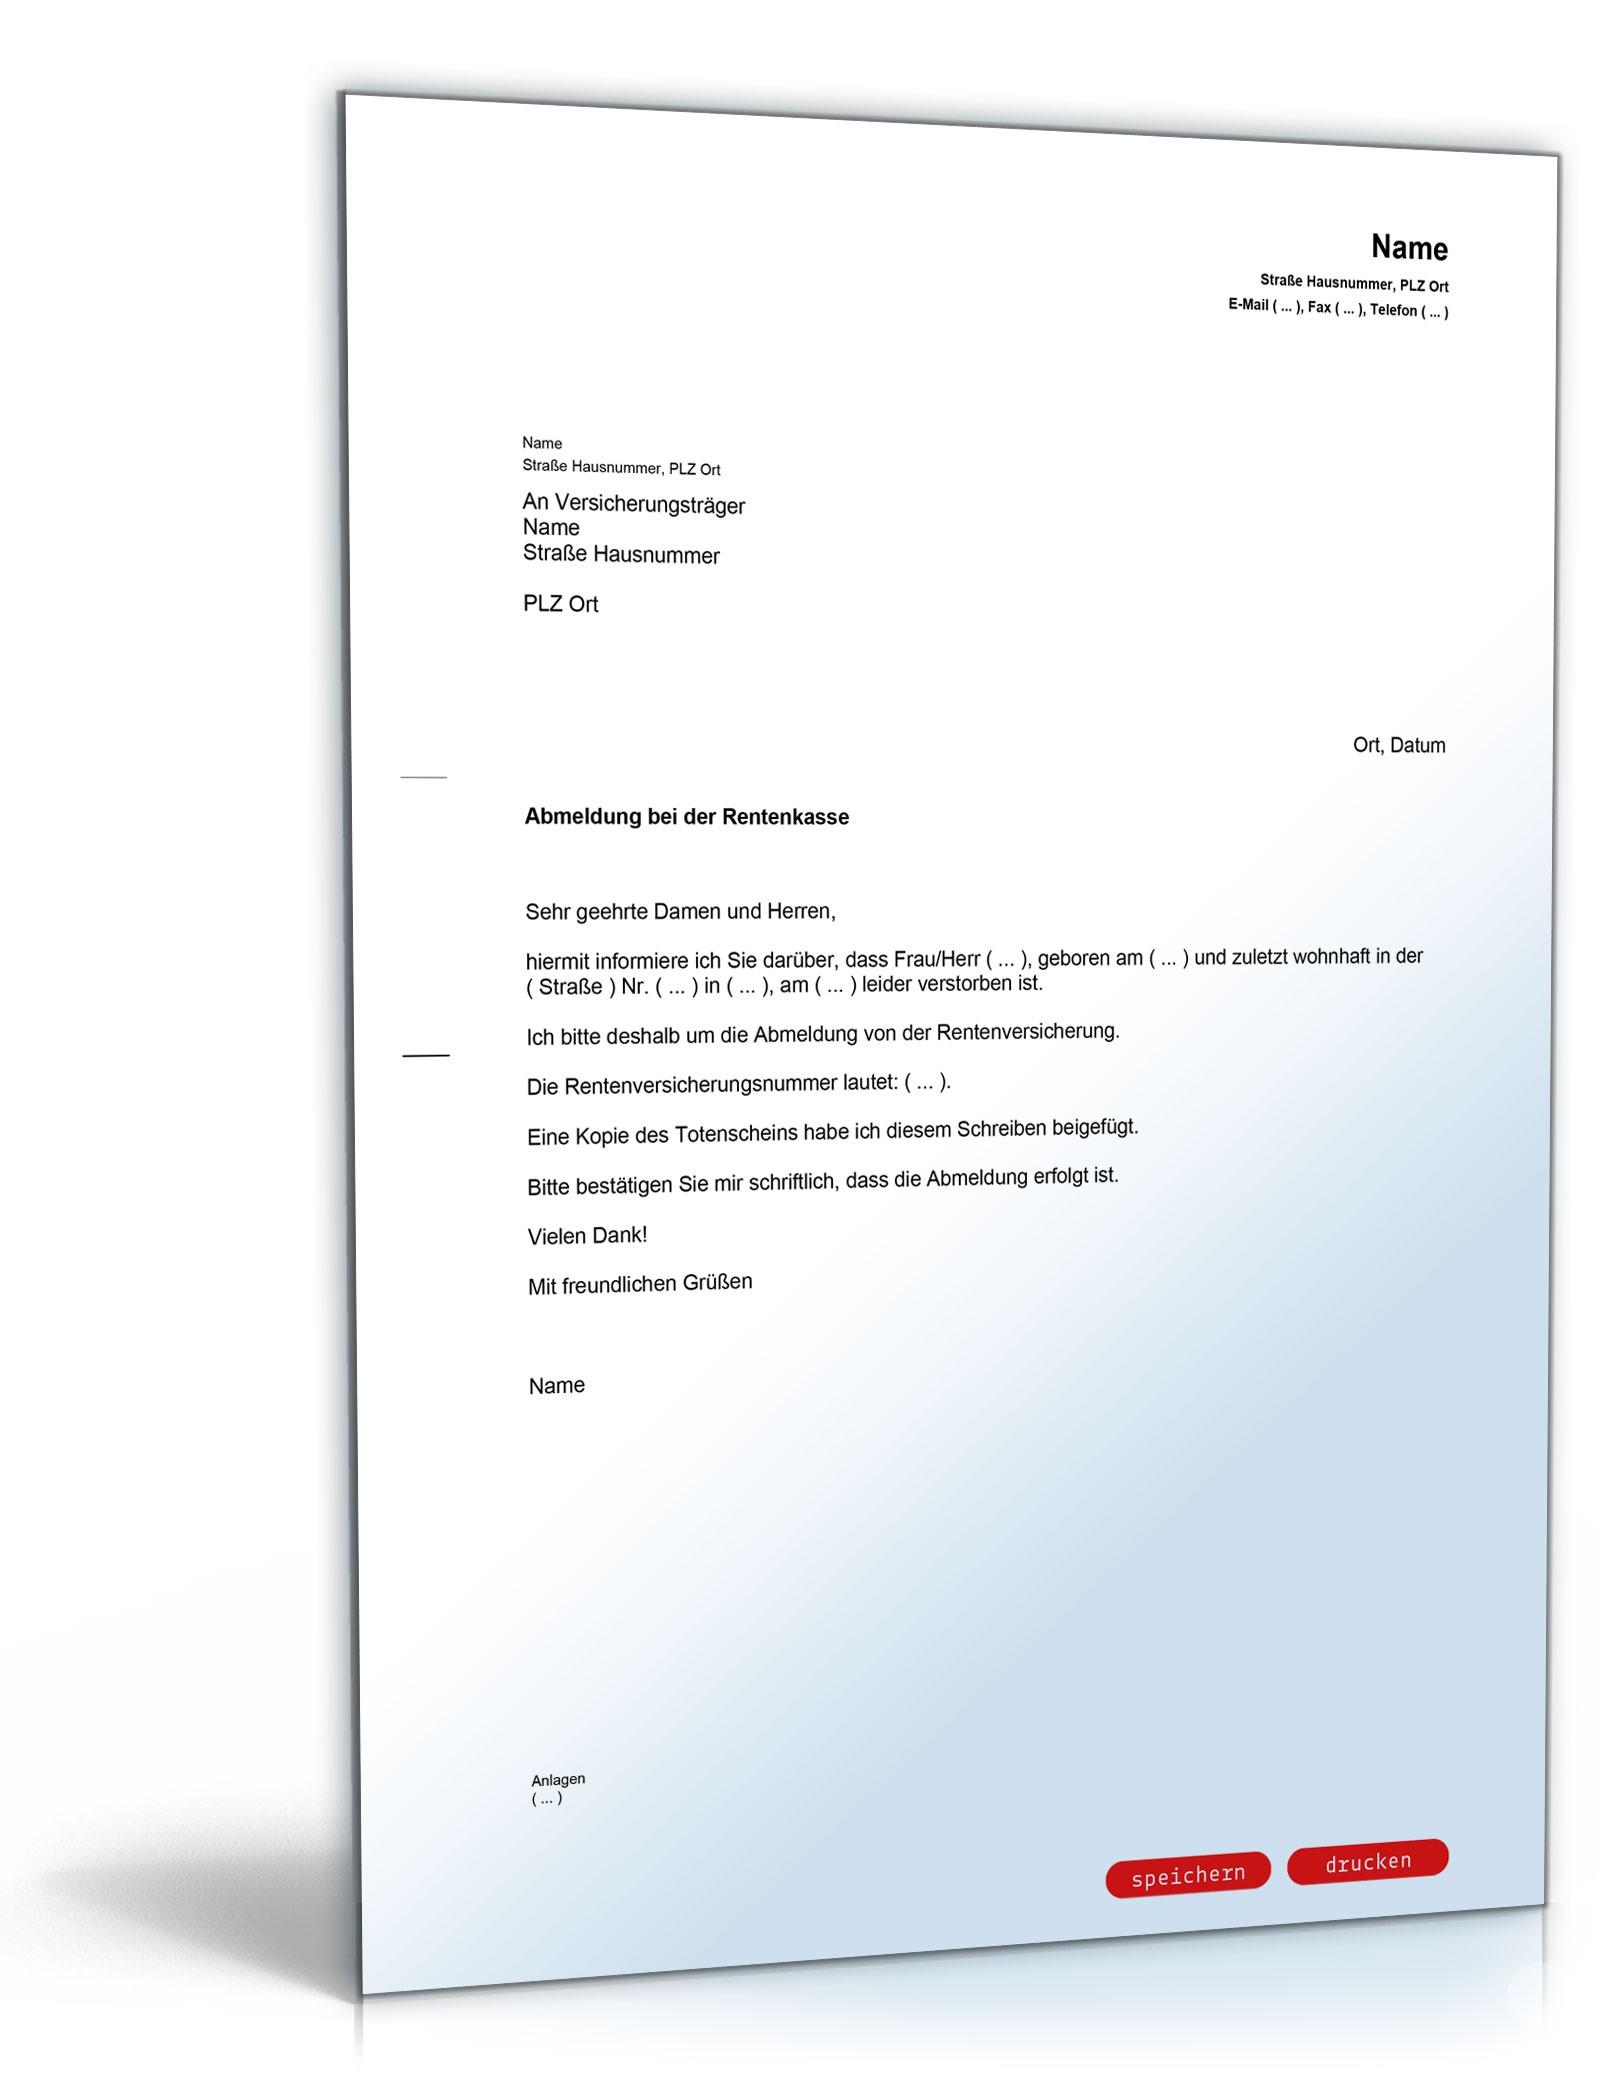 Abmeldung Rentenkasse Muster Vorlage Zum Download